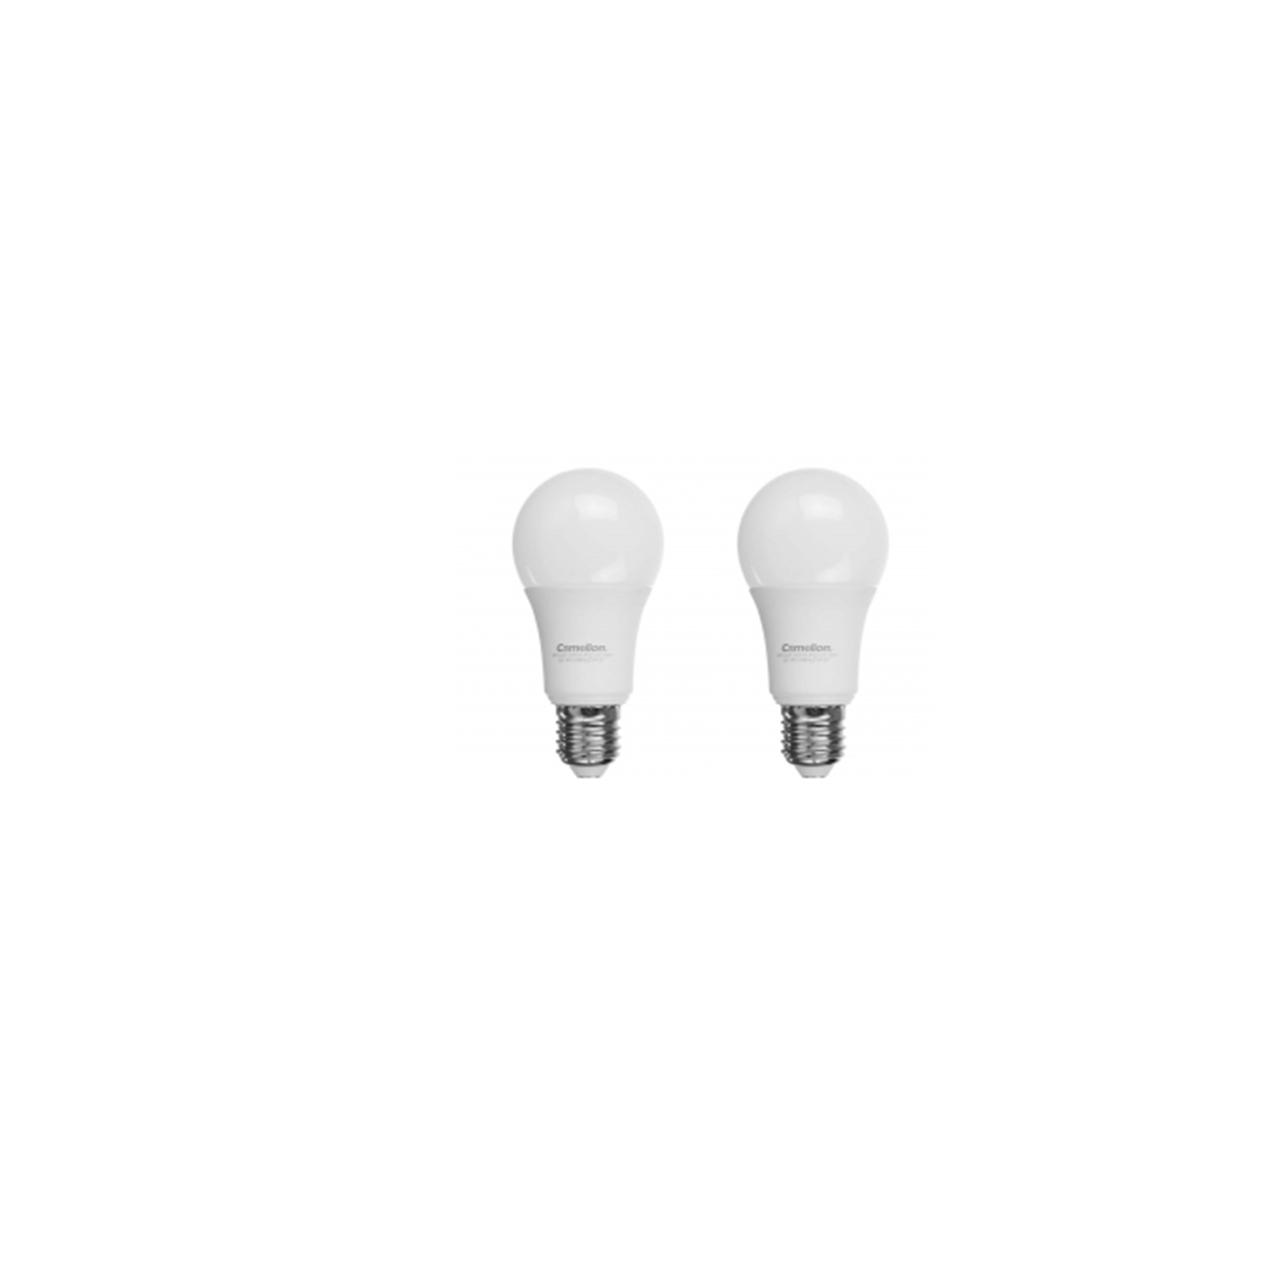 لامپ ال ای دی 18 وات کملیون مدل STQ1  پایه E27 مجموعه 2 عددی